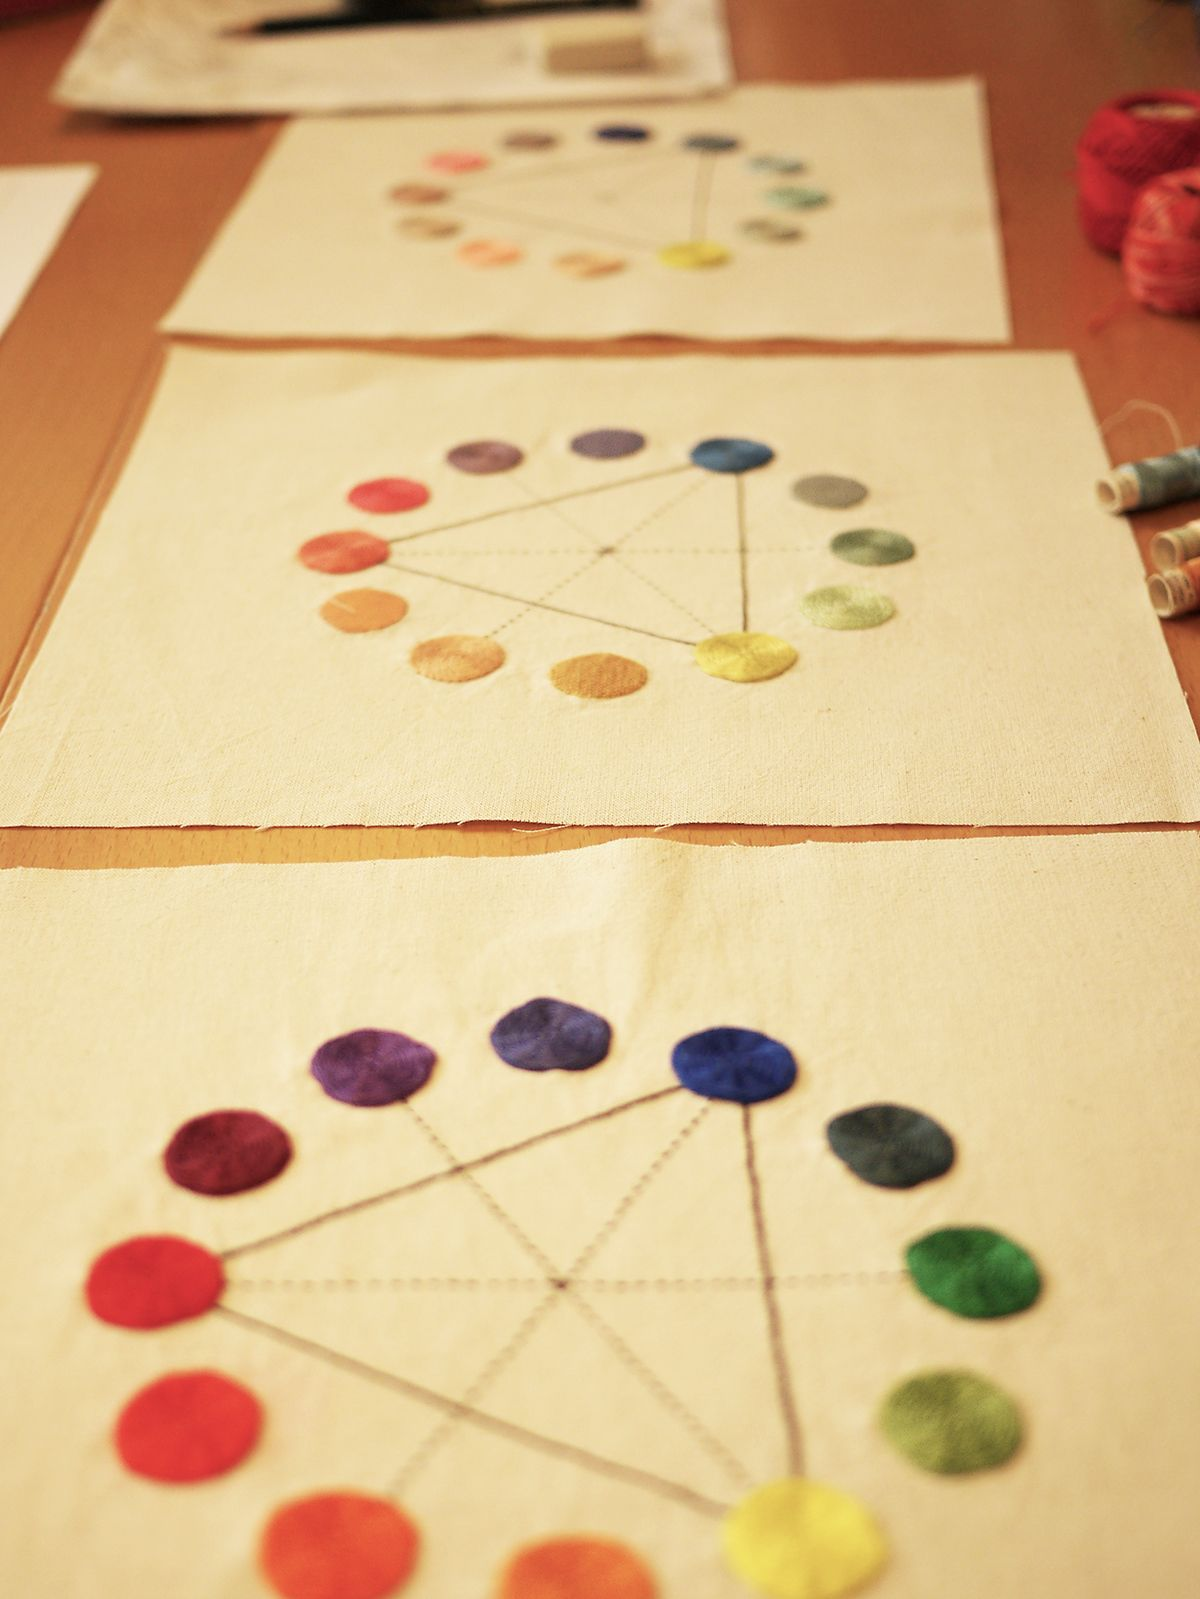 primer día: tres círculos cromáticos bordados que nos mostró Adriana, nuestro reto: #bordar uno igual con nuestros propios colores